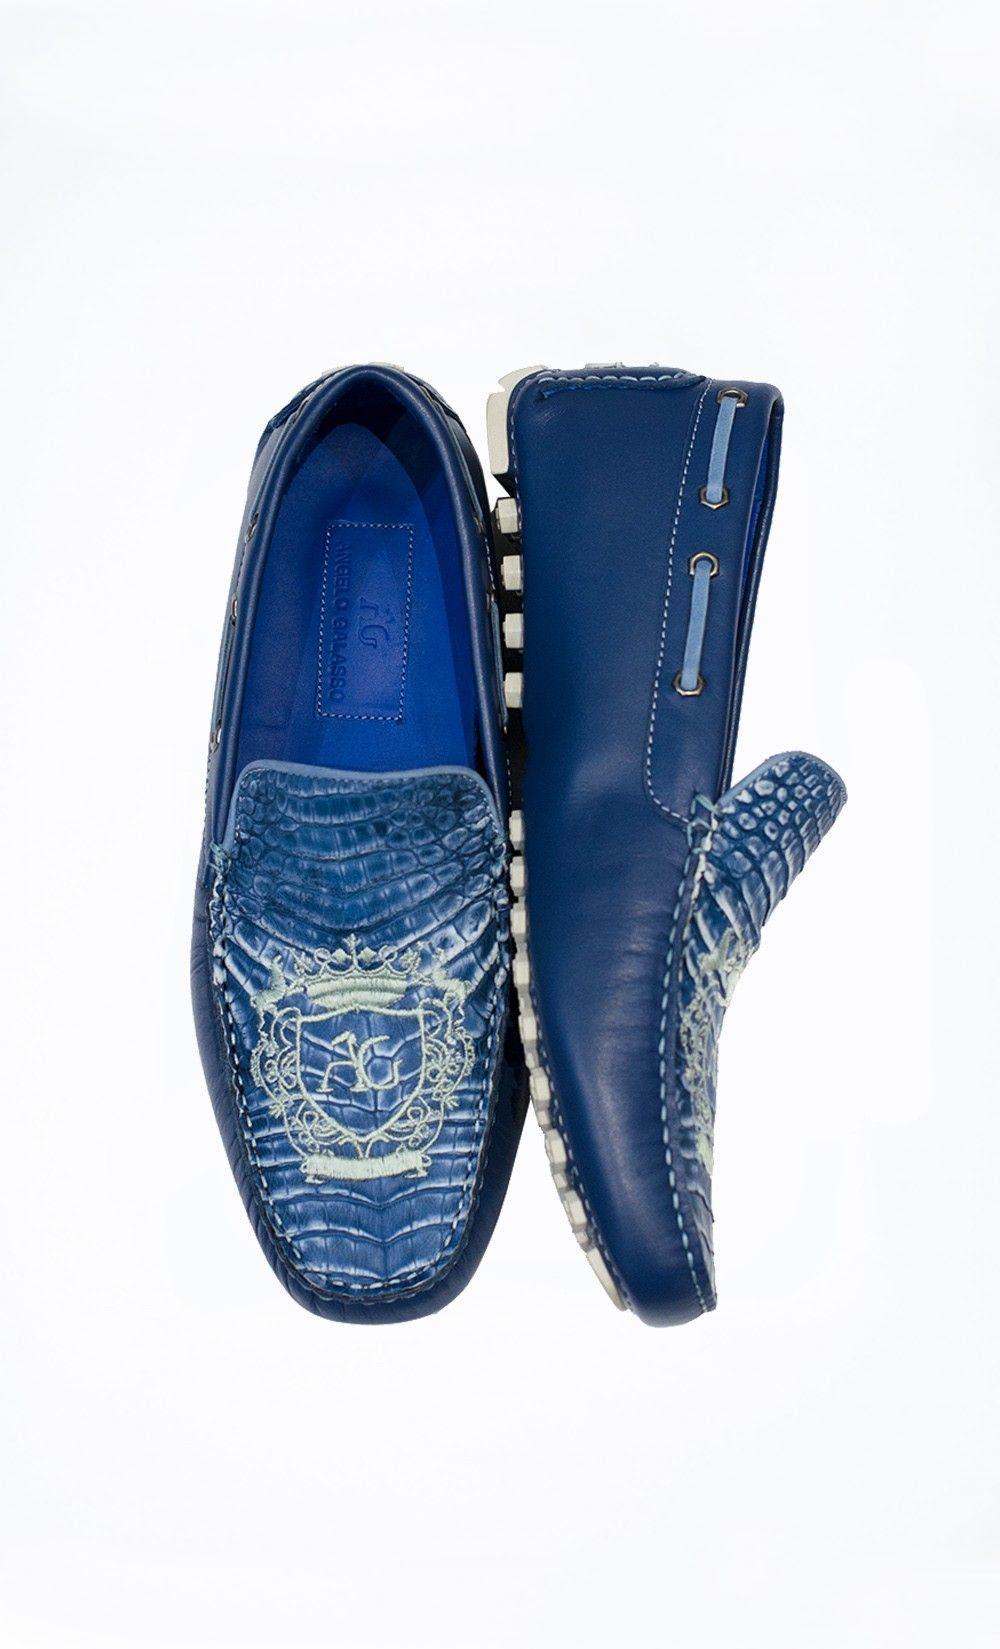 vente chaude en ligne 1c131 f7bd3 Blue Mocassin with Vintage Caiman Detail. BUY IT ONLINE NOW ...